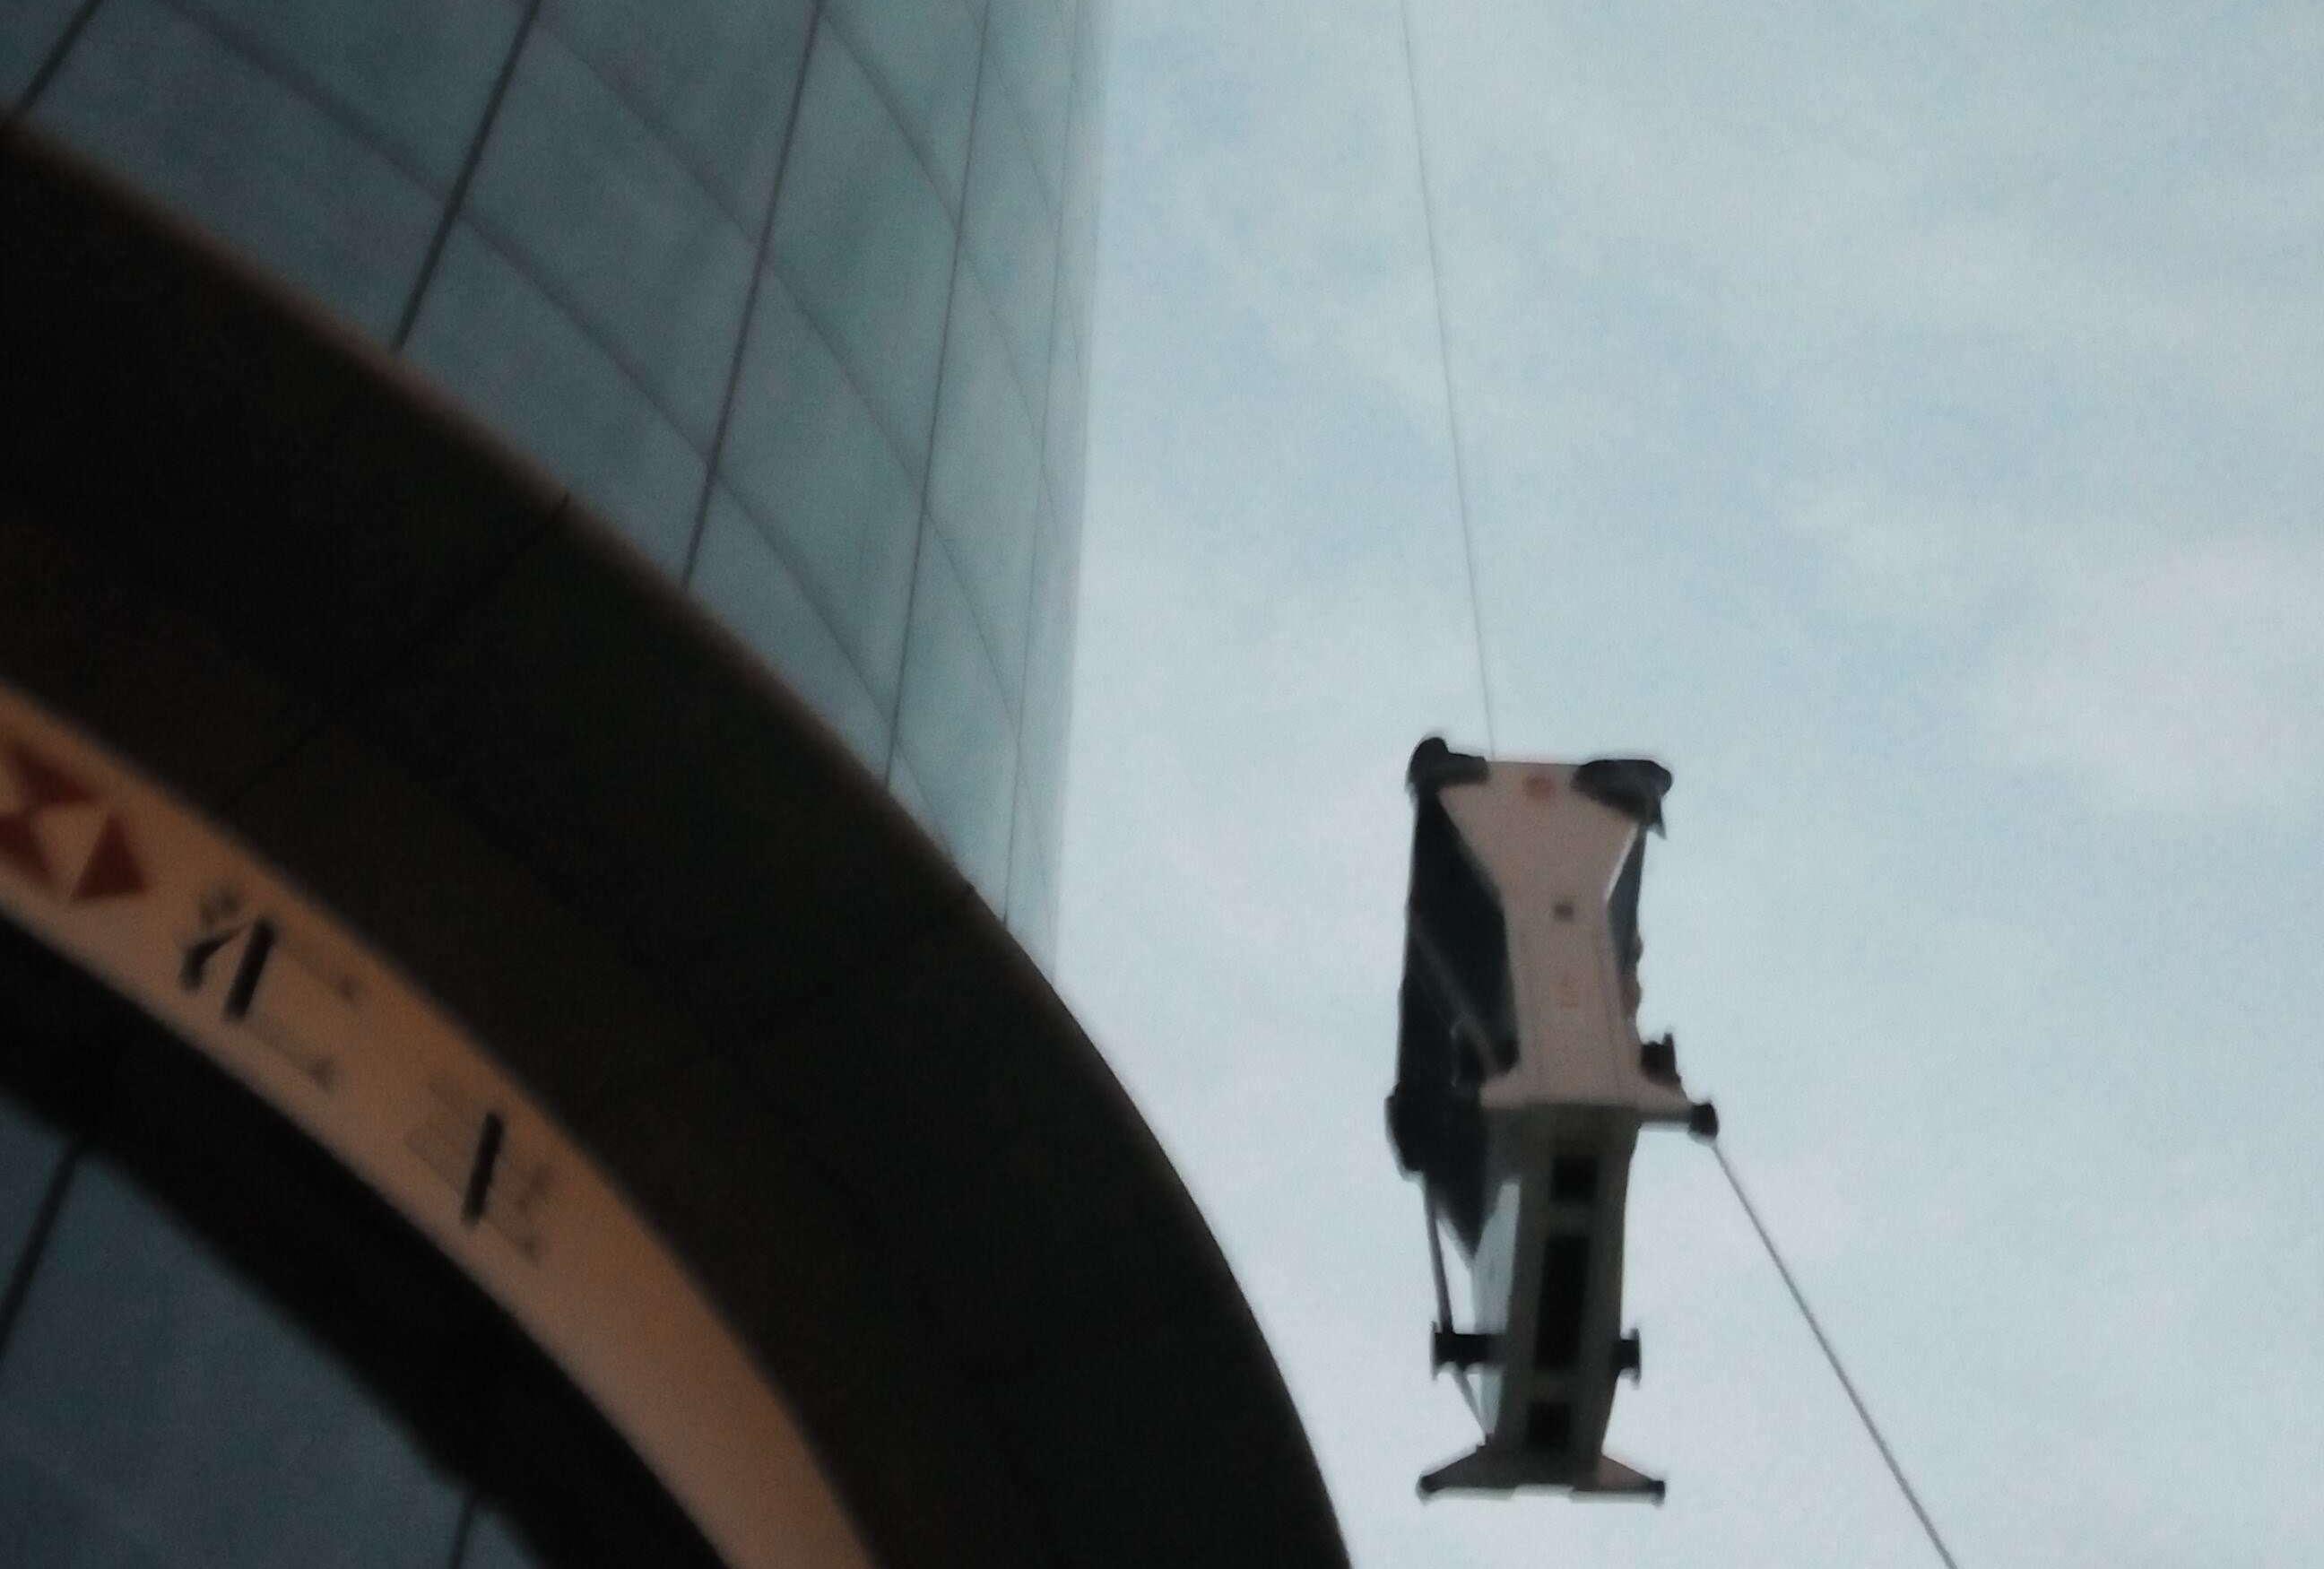 人工吊装上楼